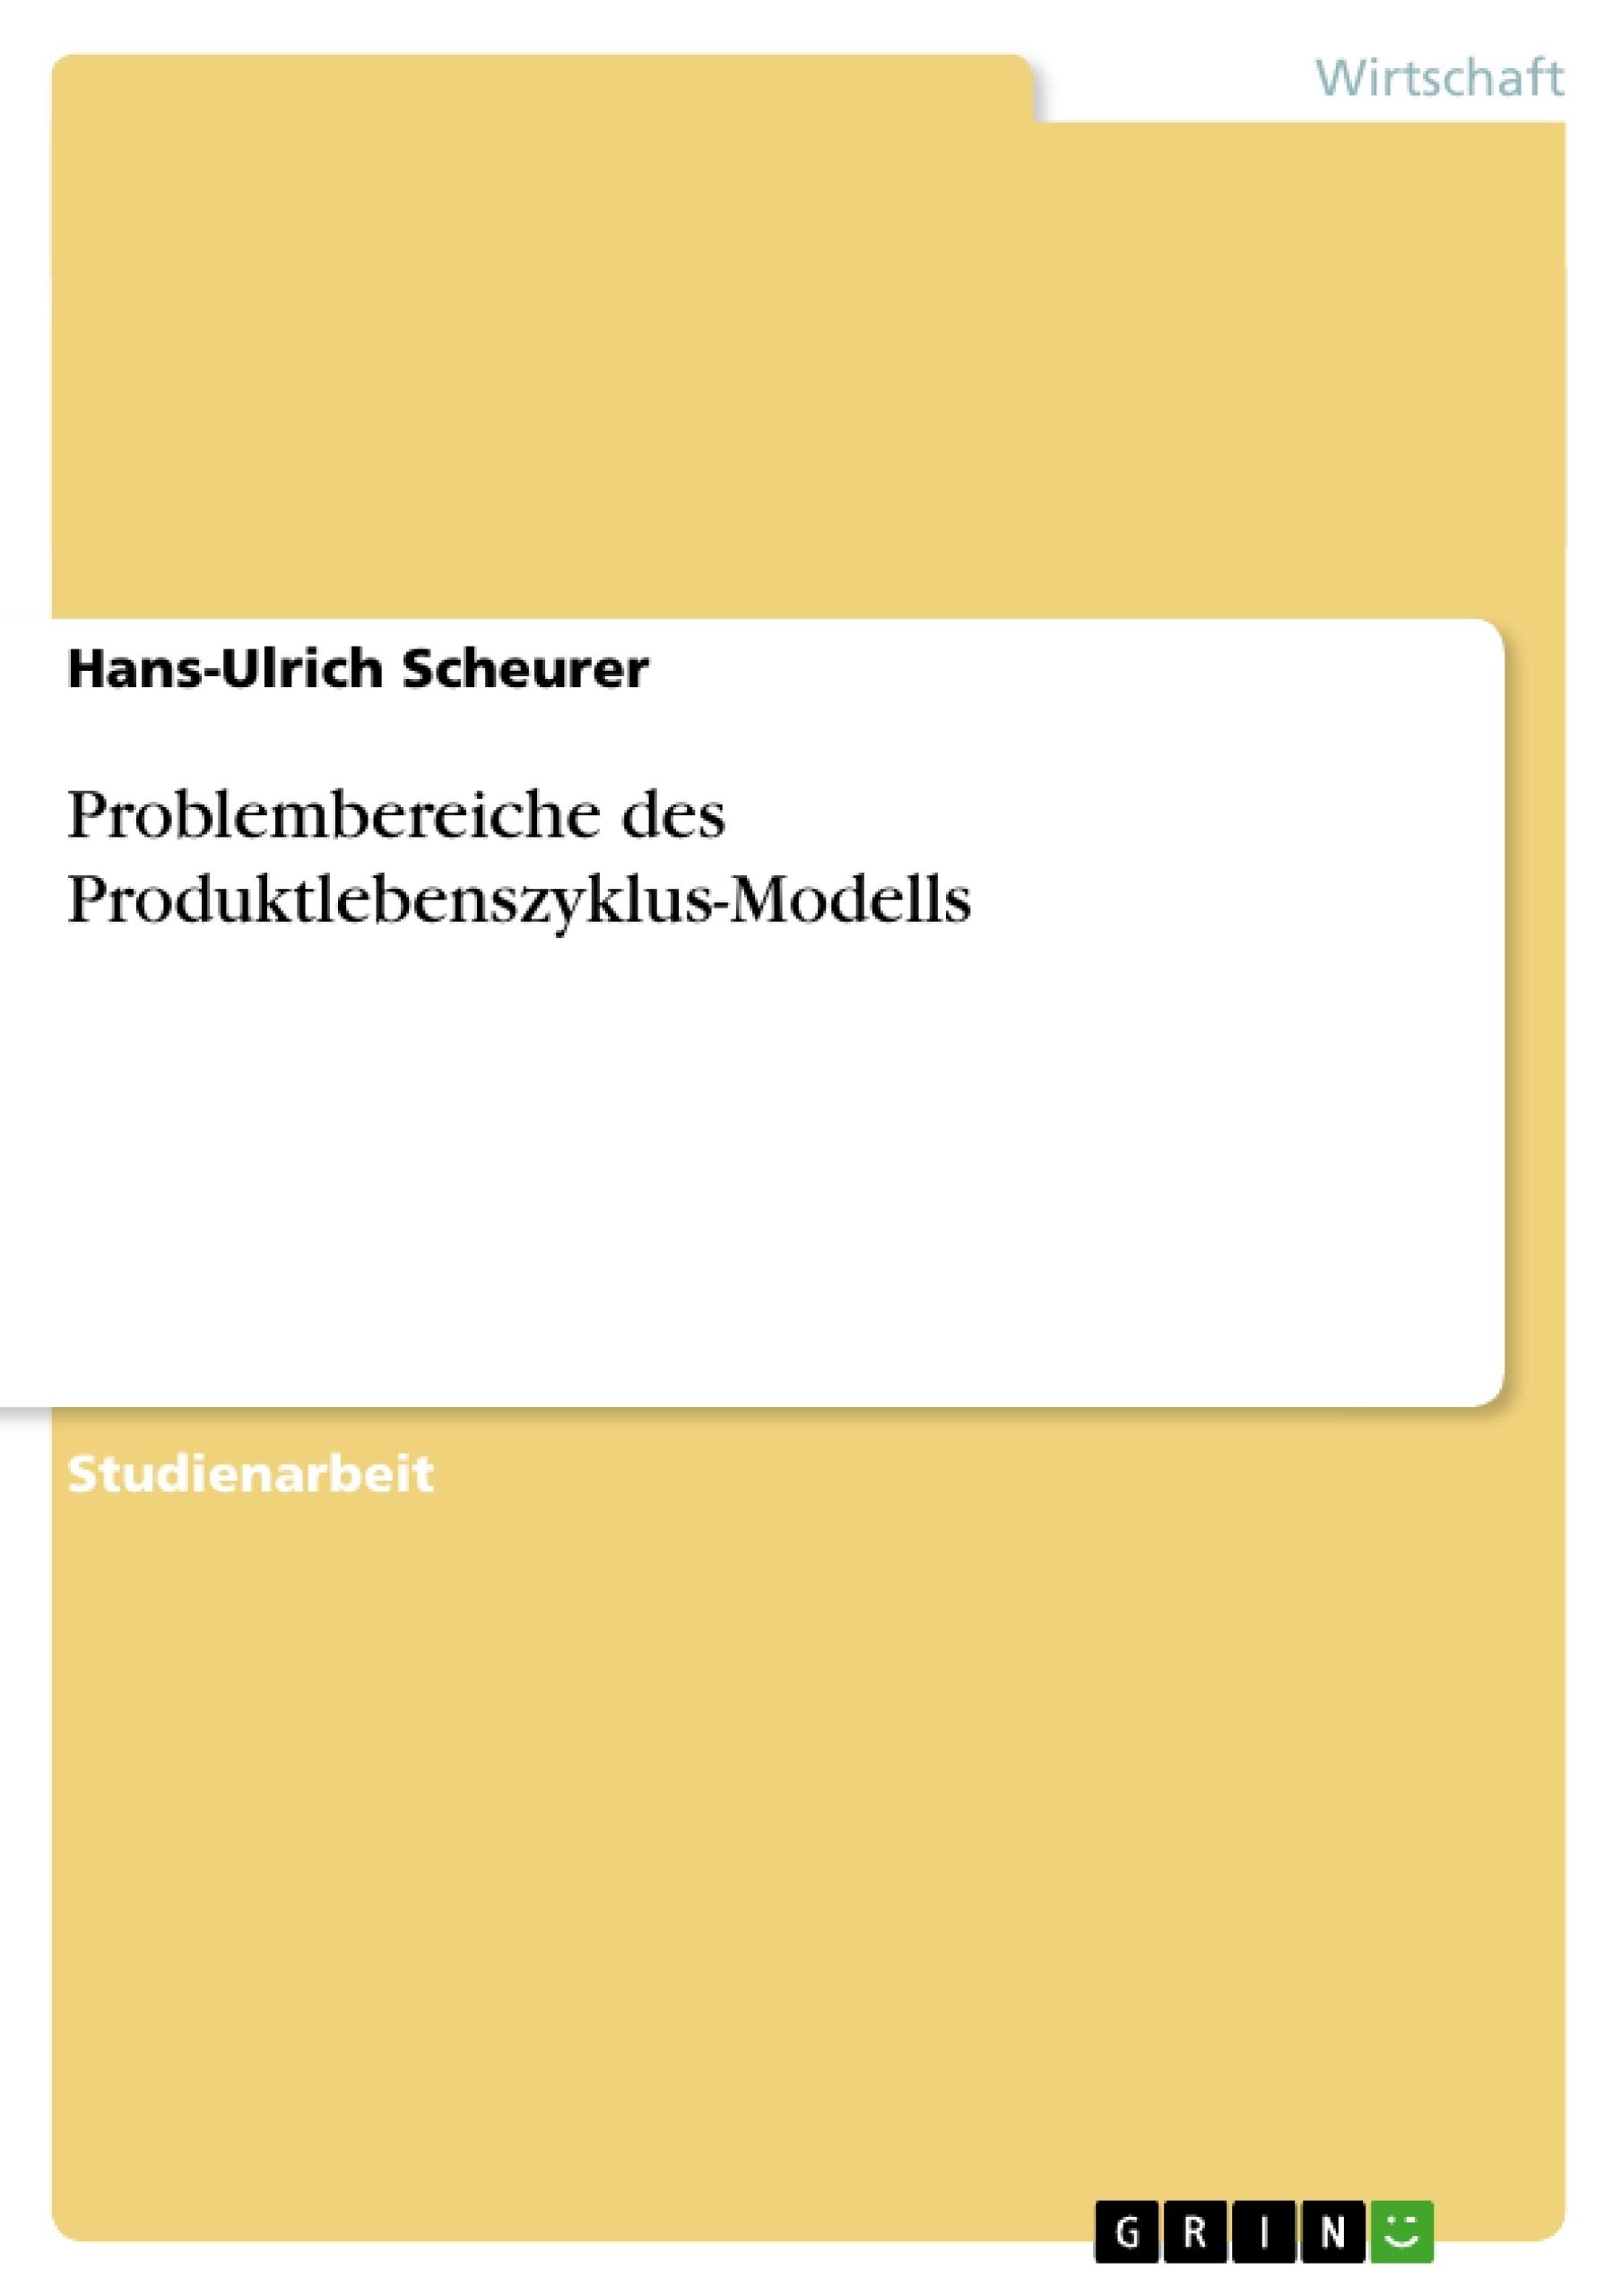 Titel: Problembereiche des Produktlebenszyklus-Modells